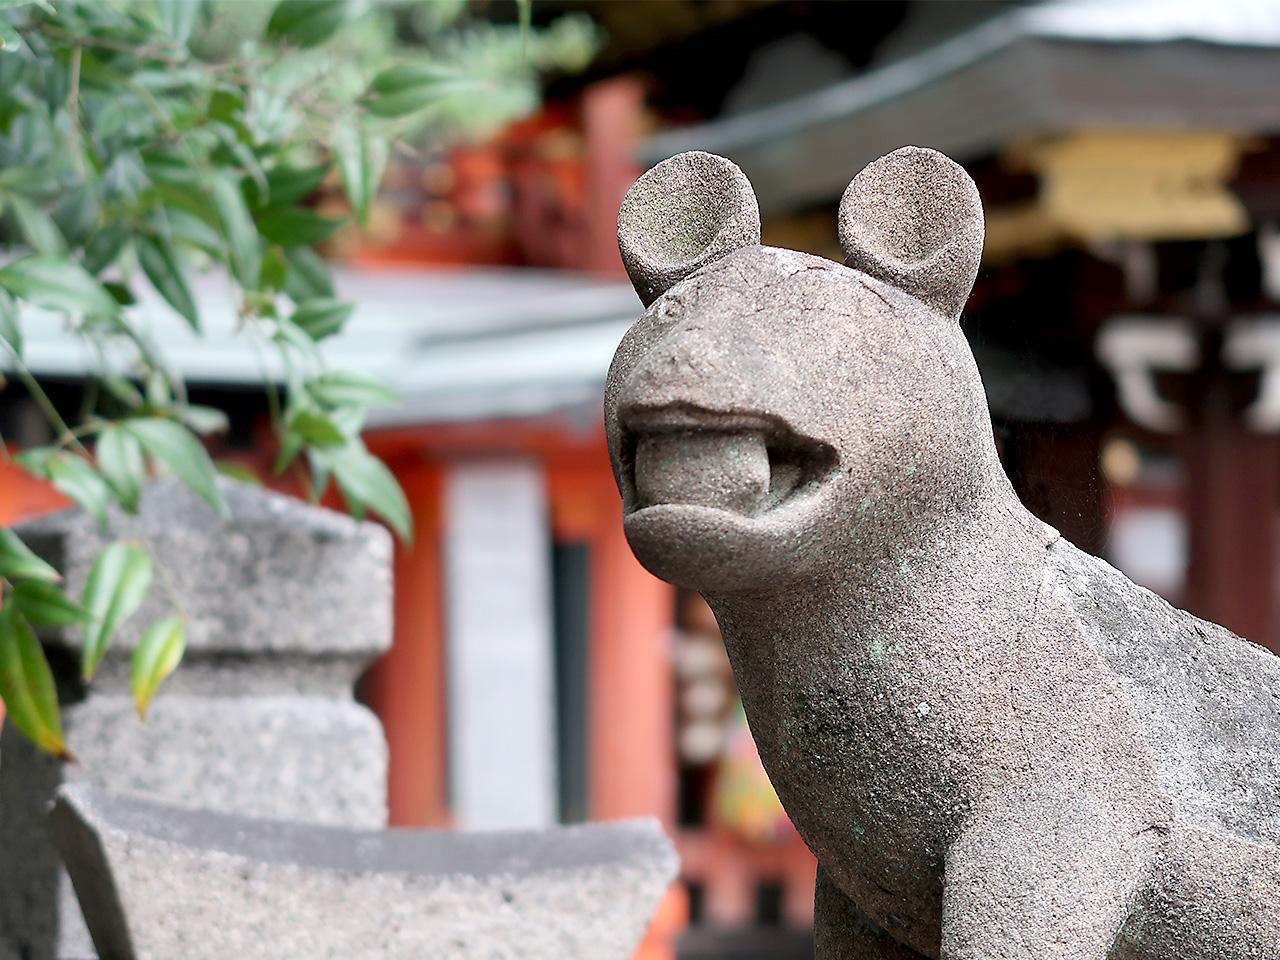 満足稲荷神社 ツネ吉